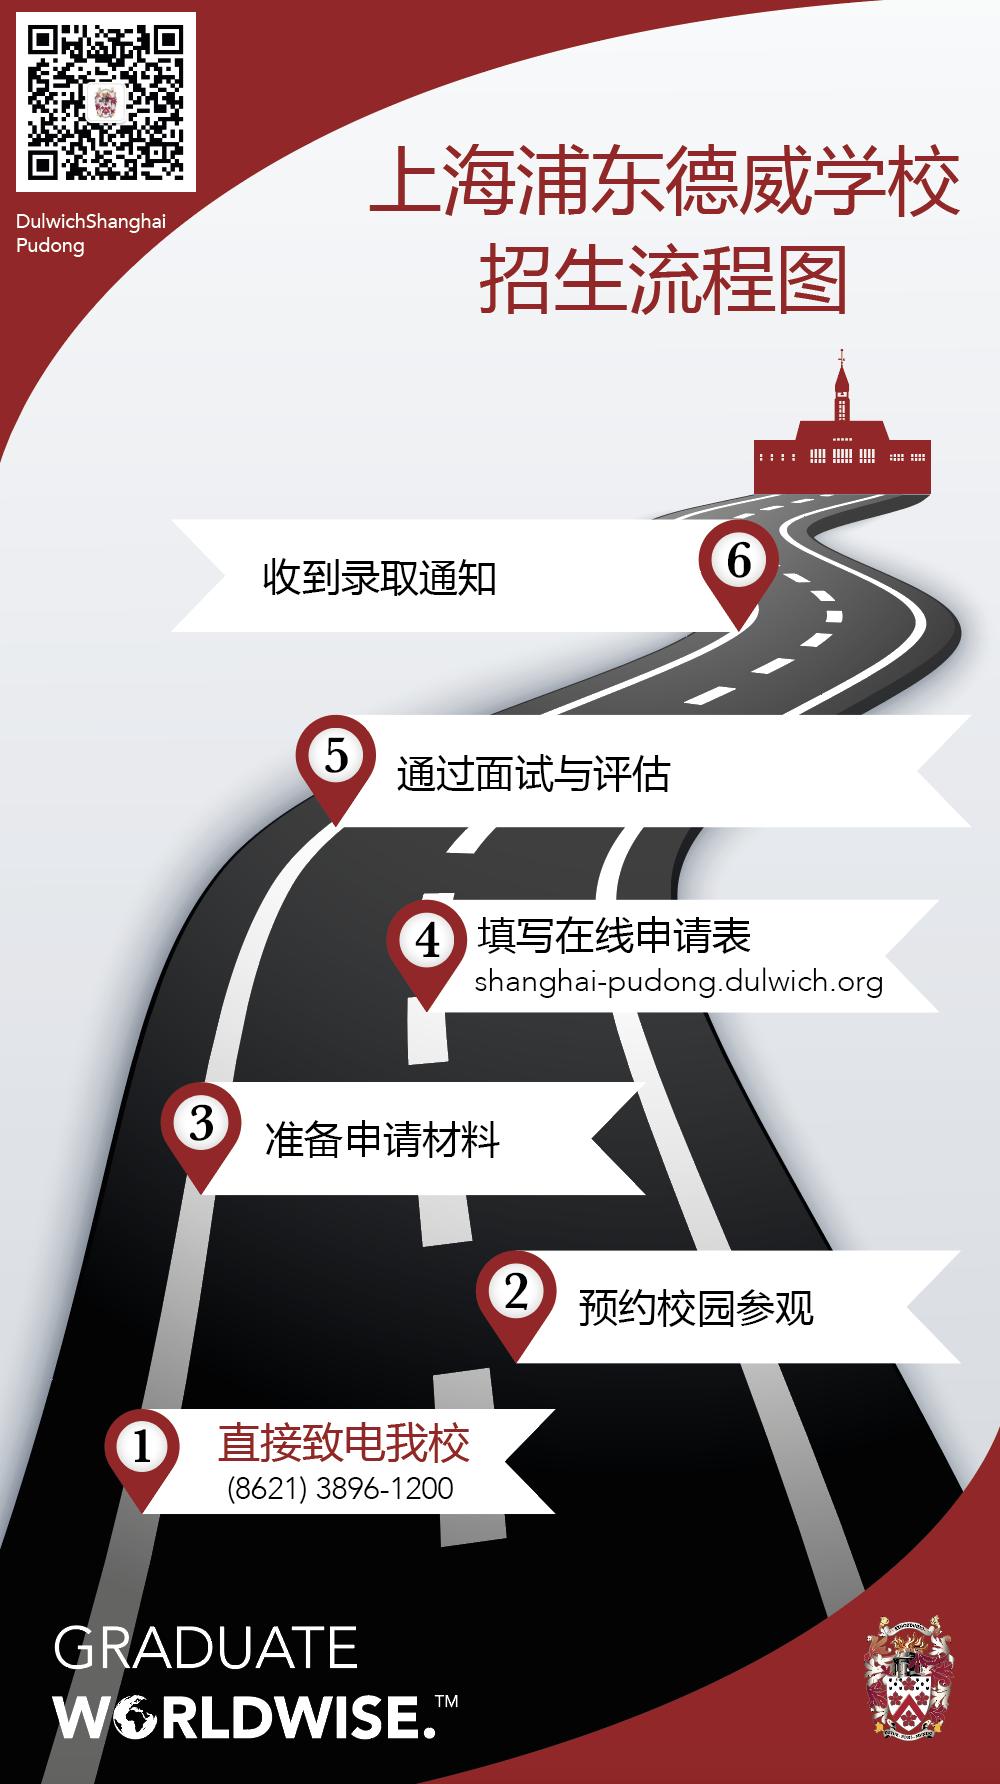 上海浦东德威招生流程图